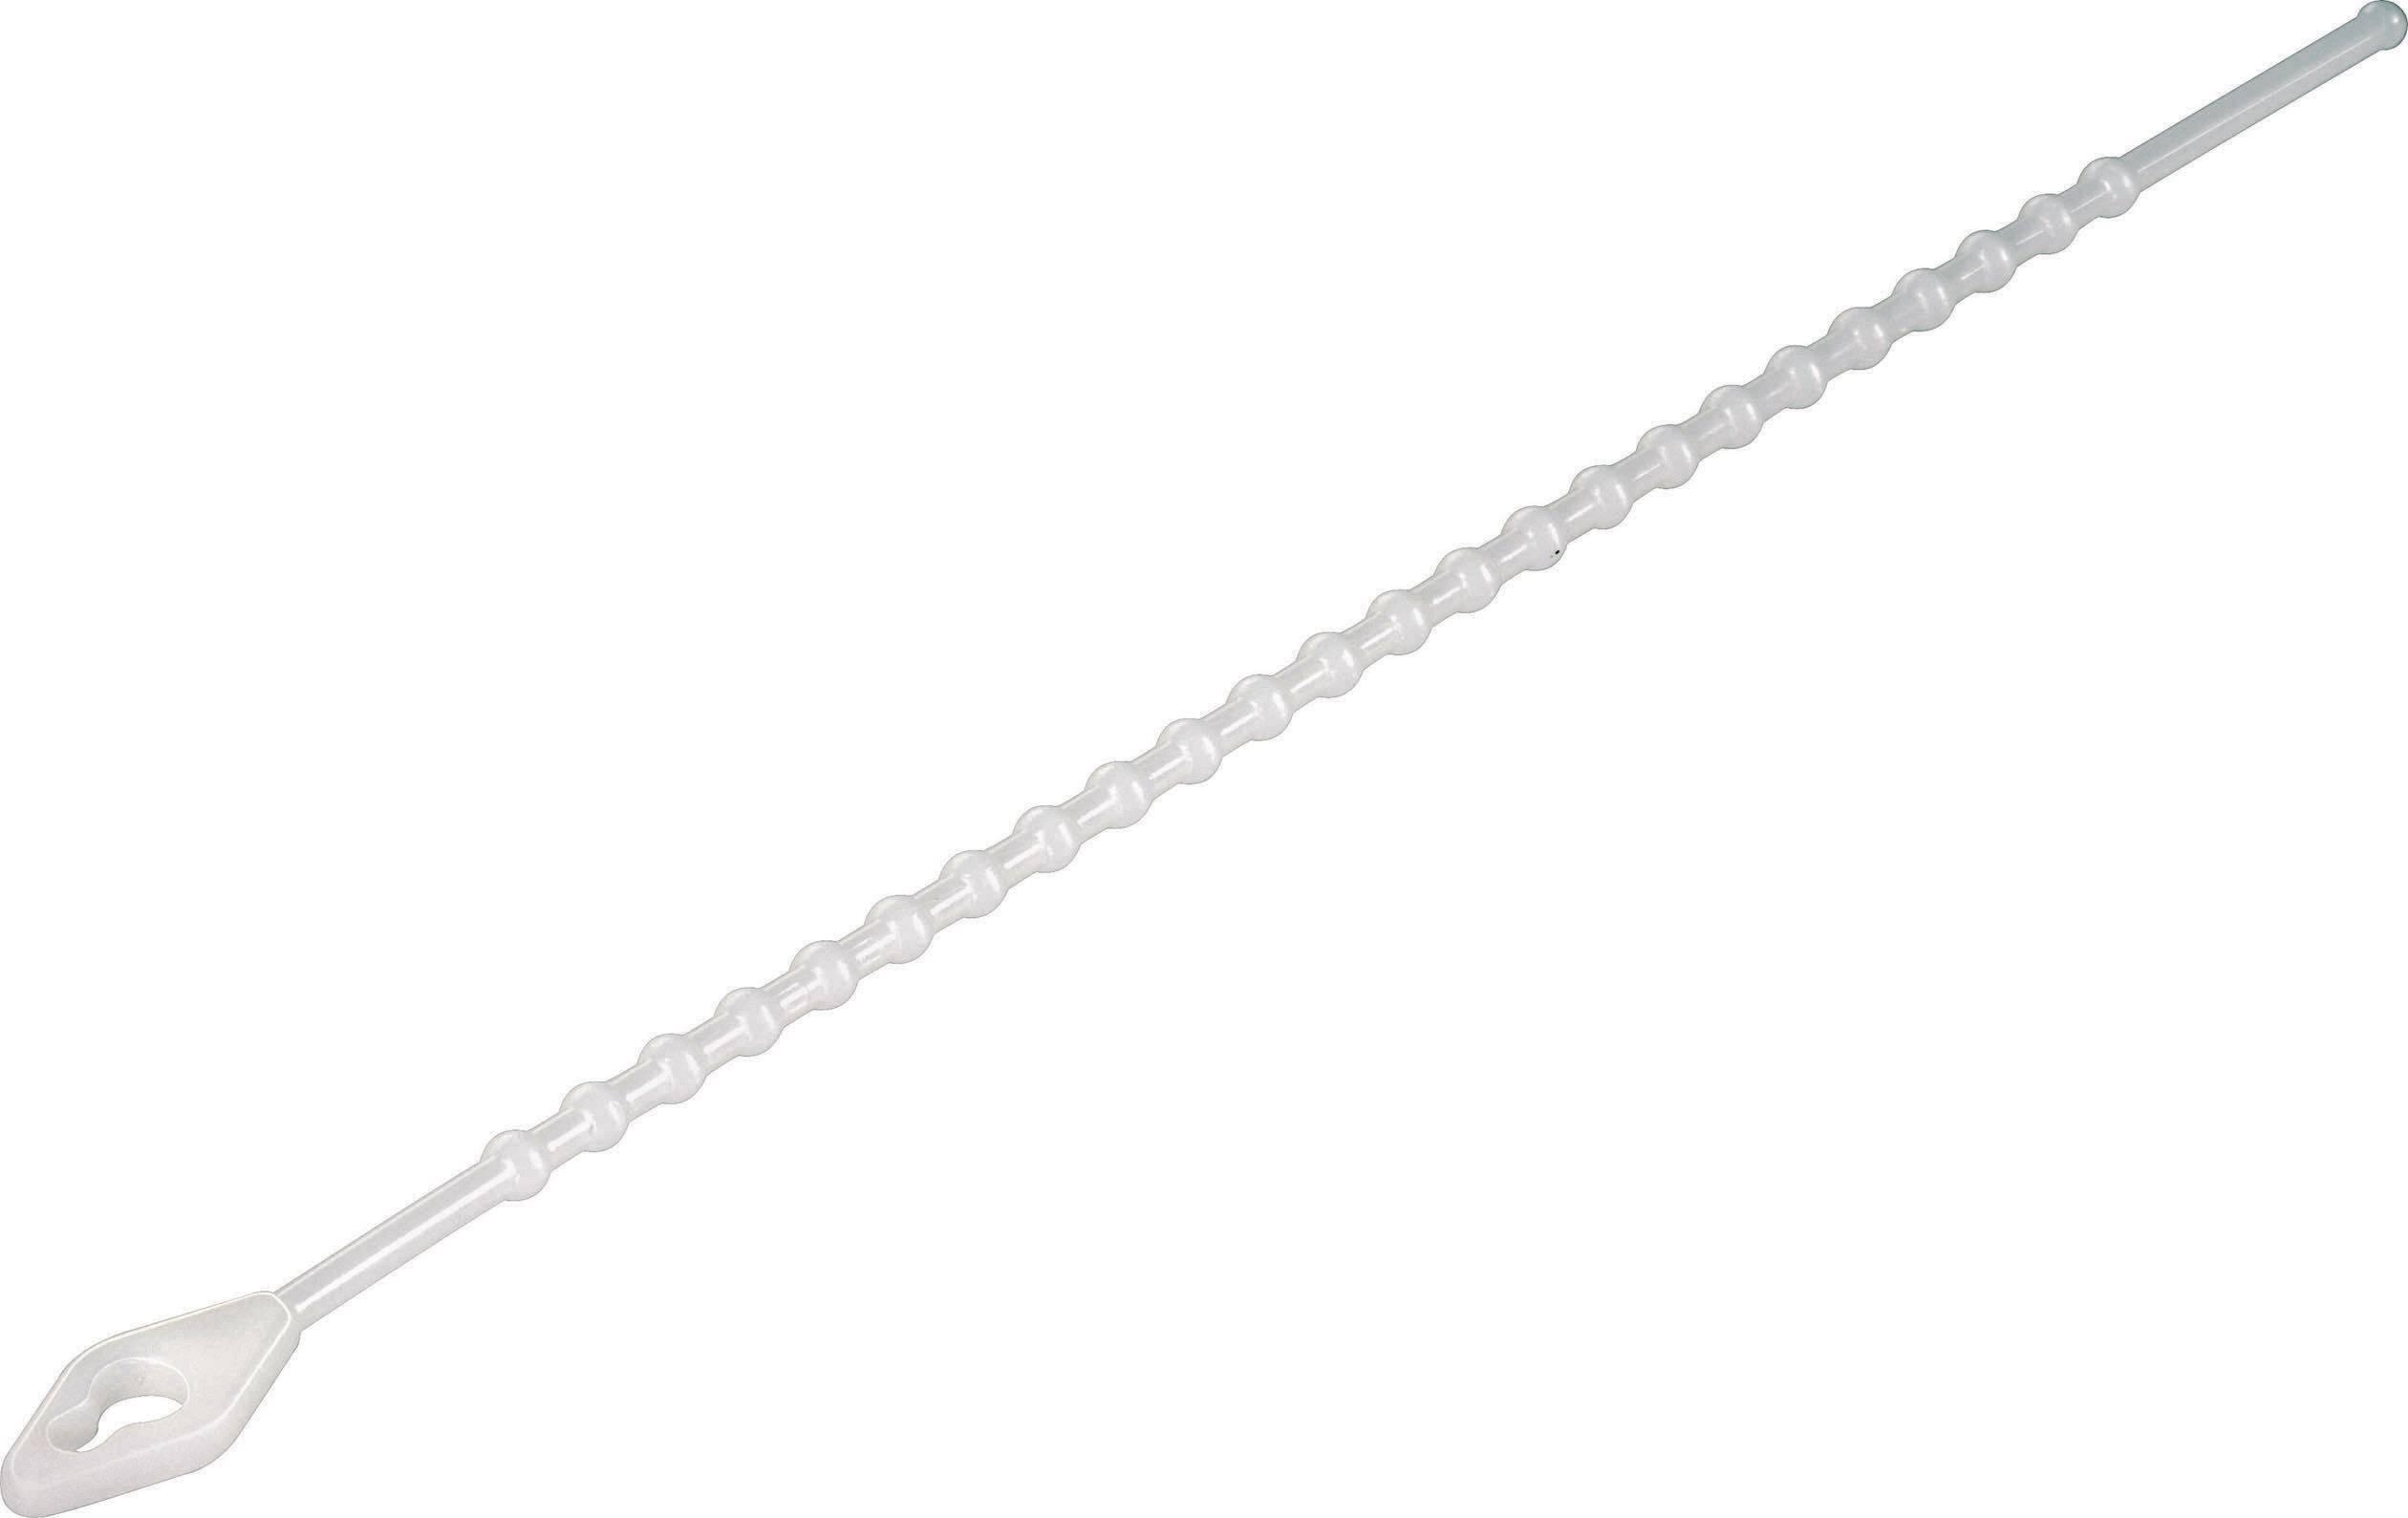 Guľôčková sťahovacia páska KSS TV280 541312, 280 mm, prírodná, 100 ks